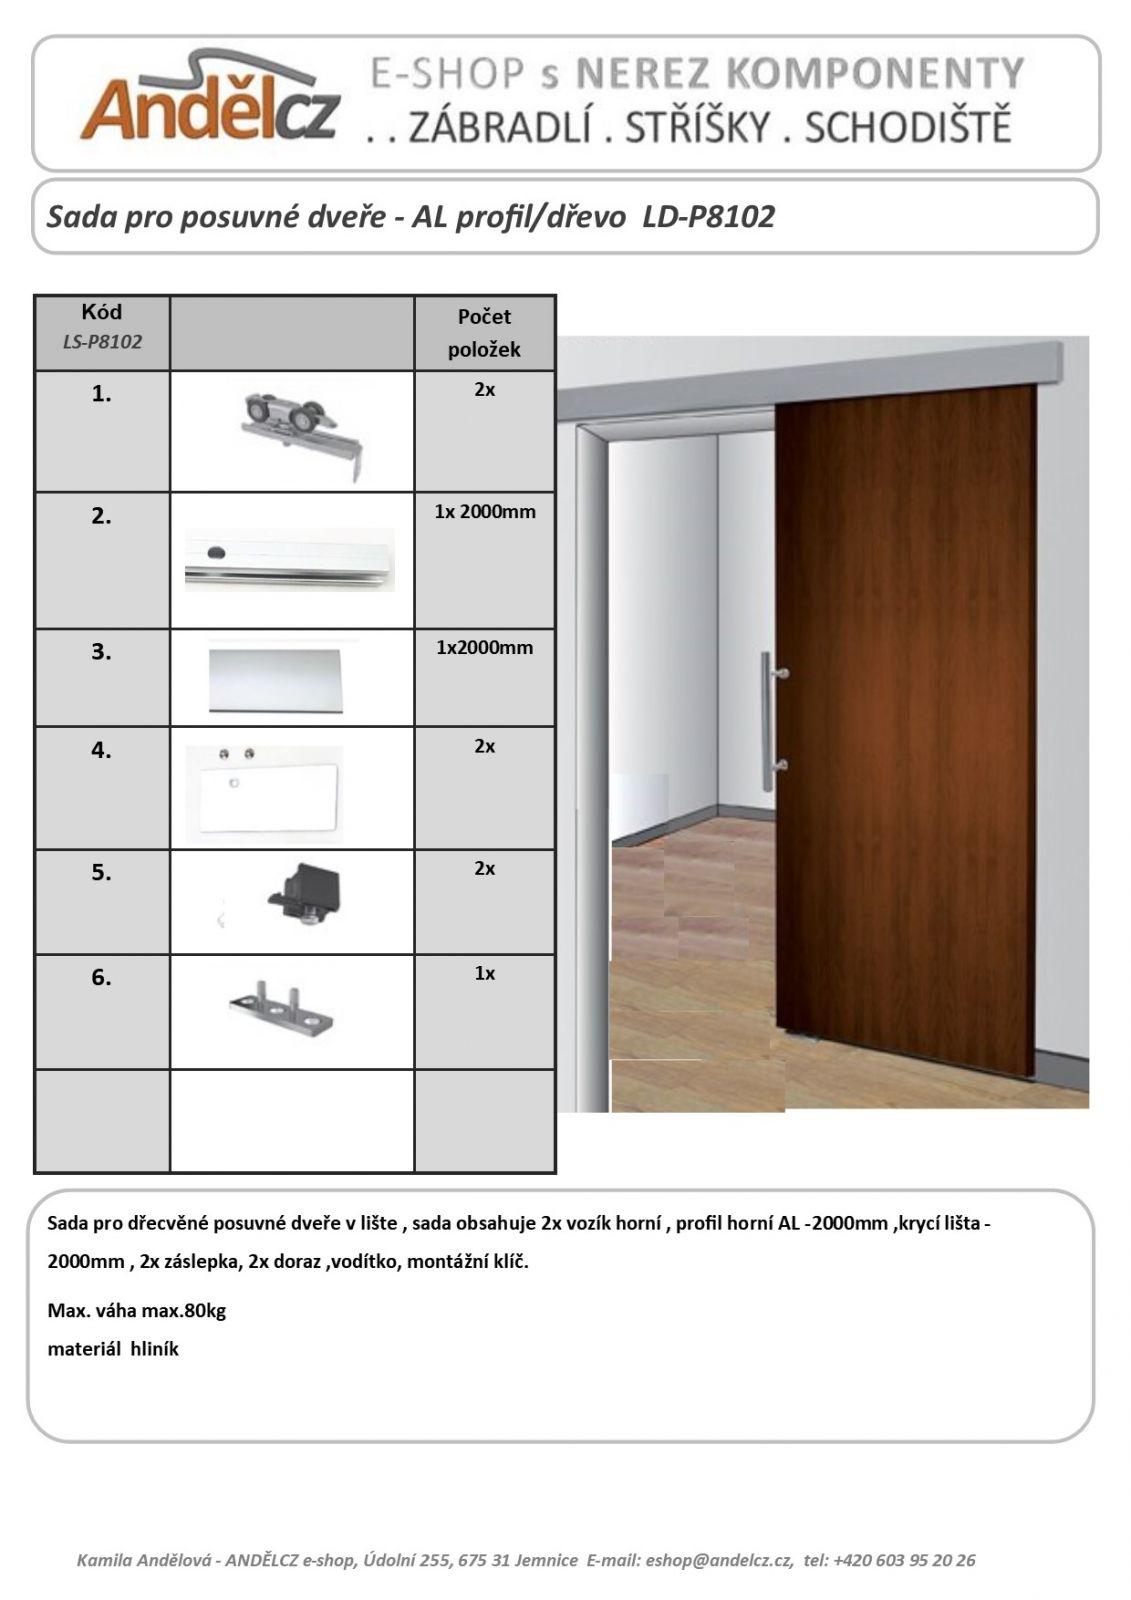 Sada pro posuvné dveře dřevěné - lišta/dřevo